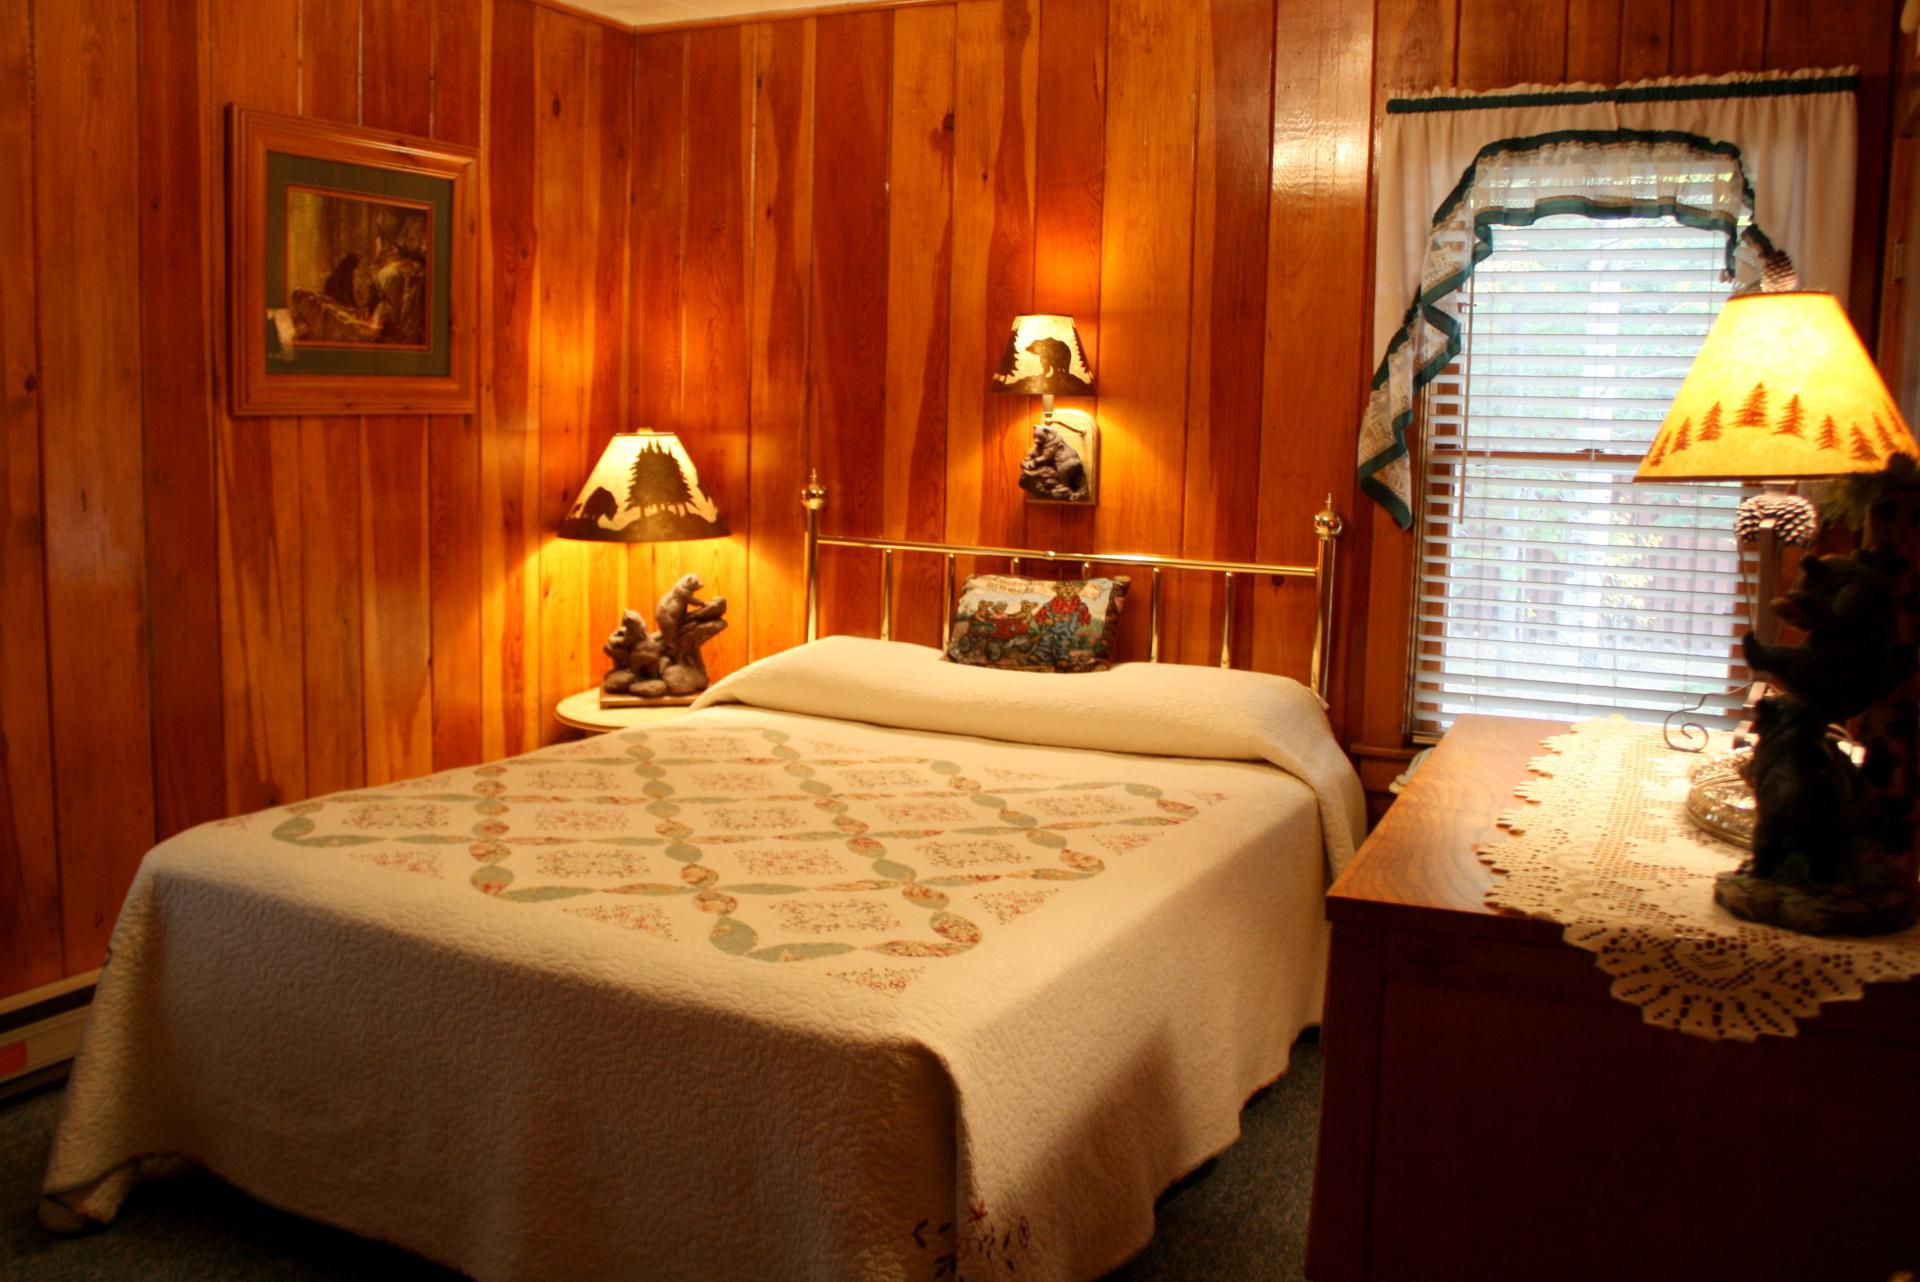 The Bear Room